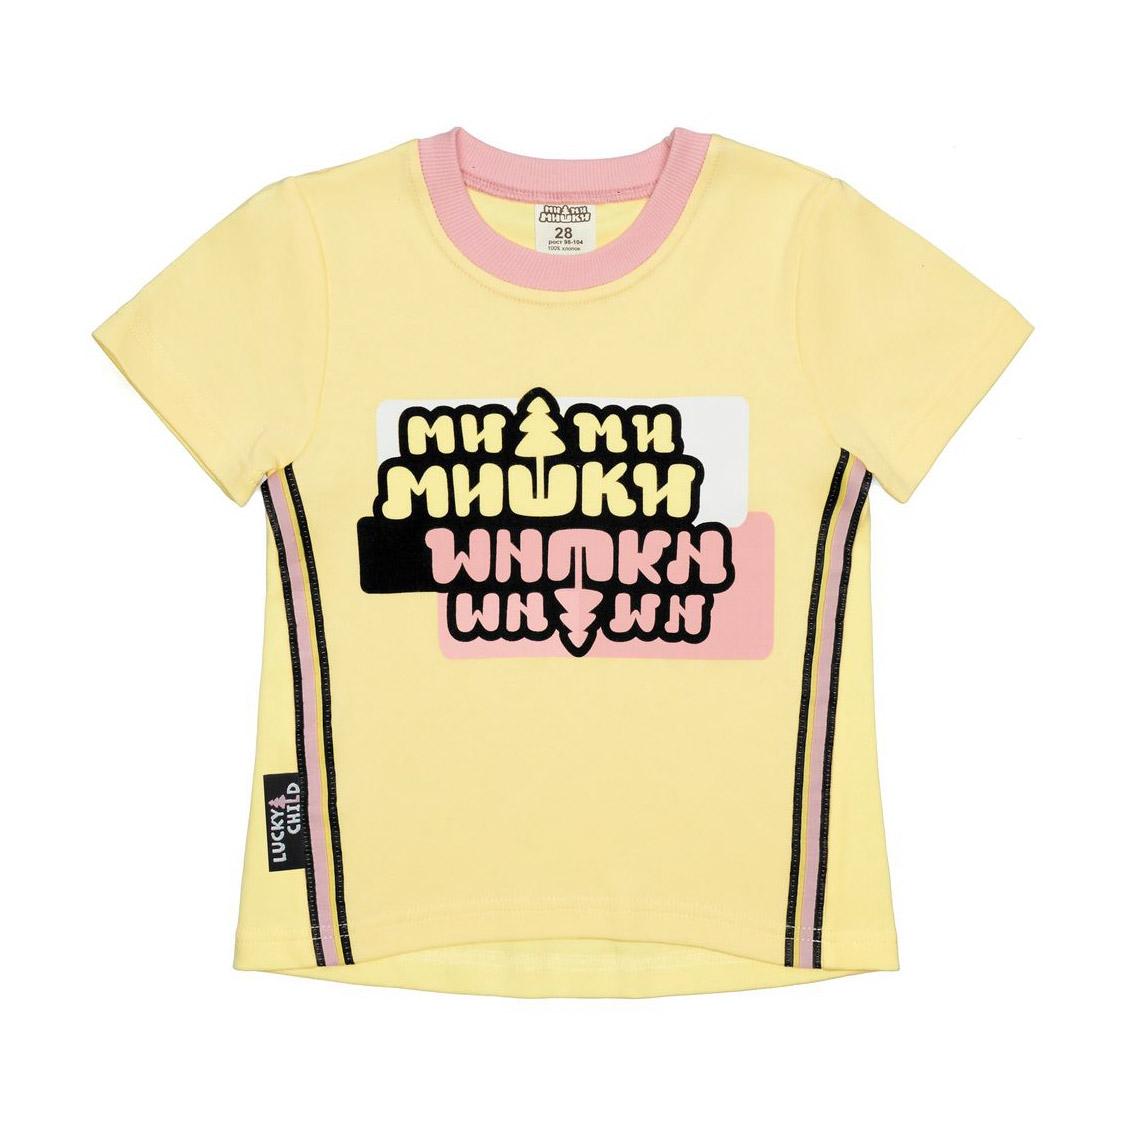 Купить Футболка Lucky Child МИ-МИ-МИШКИ желтая 110-116, Желтый, Интерлок, Для девочек, Всесезонный,